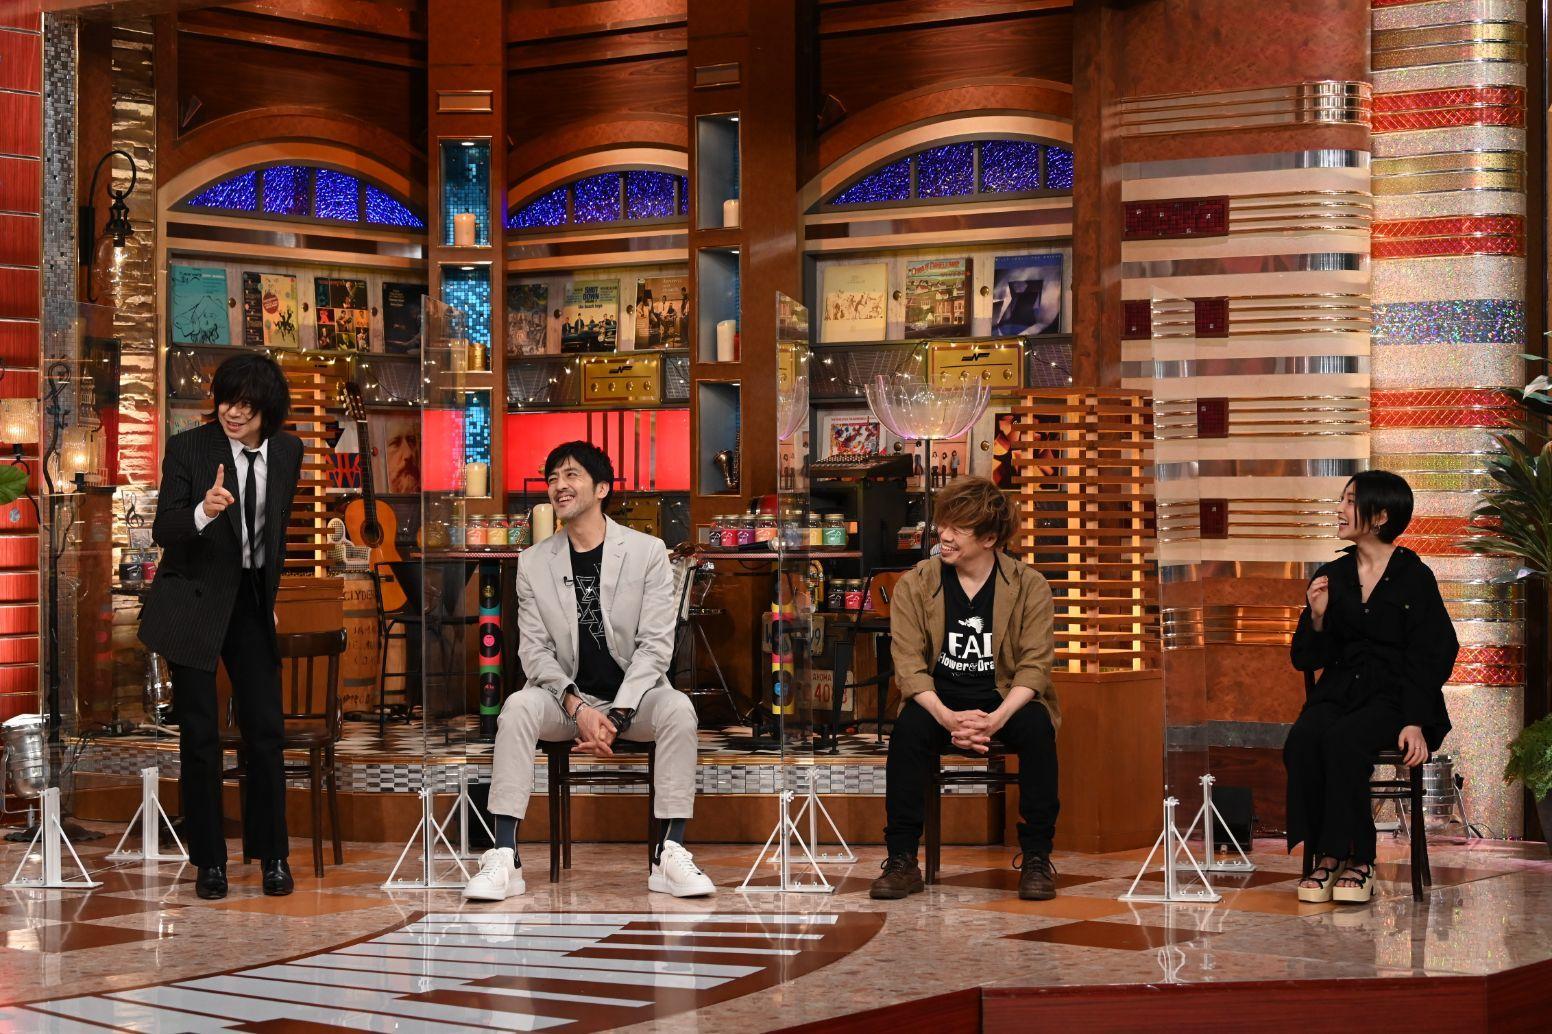 左から、宮本浩次、谷中敦(東京スカパラダイスオーケストラ)、TAKUMA(10-FEET)、家入レオ